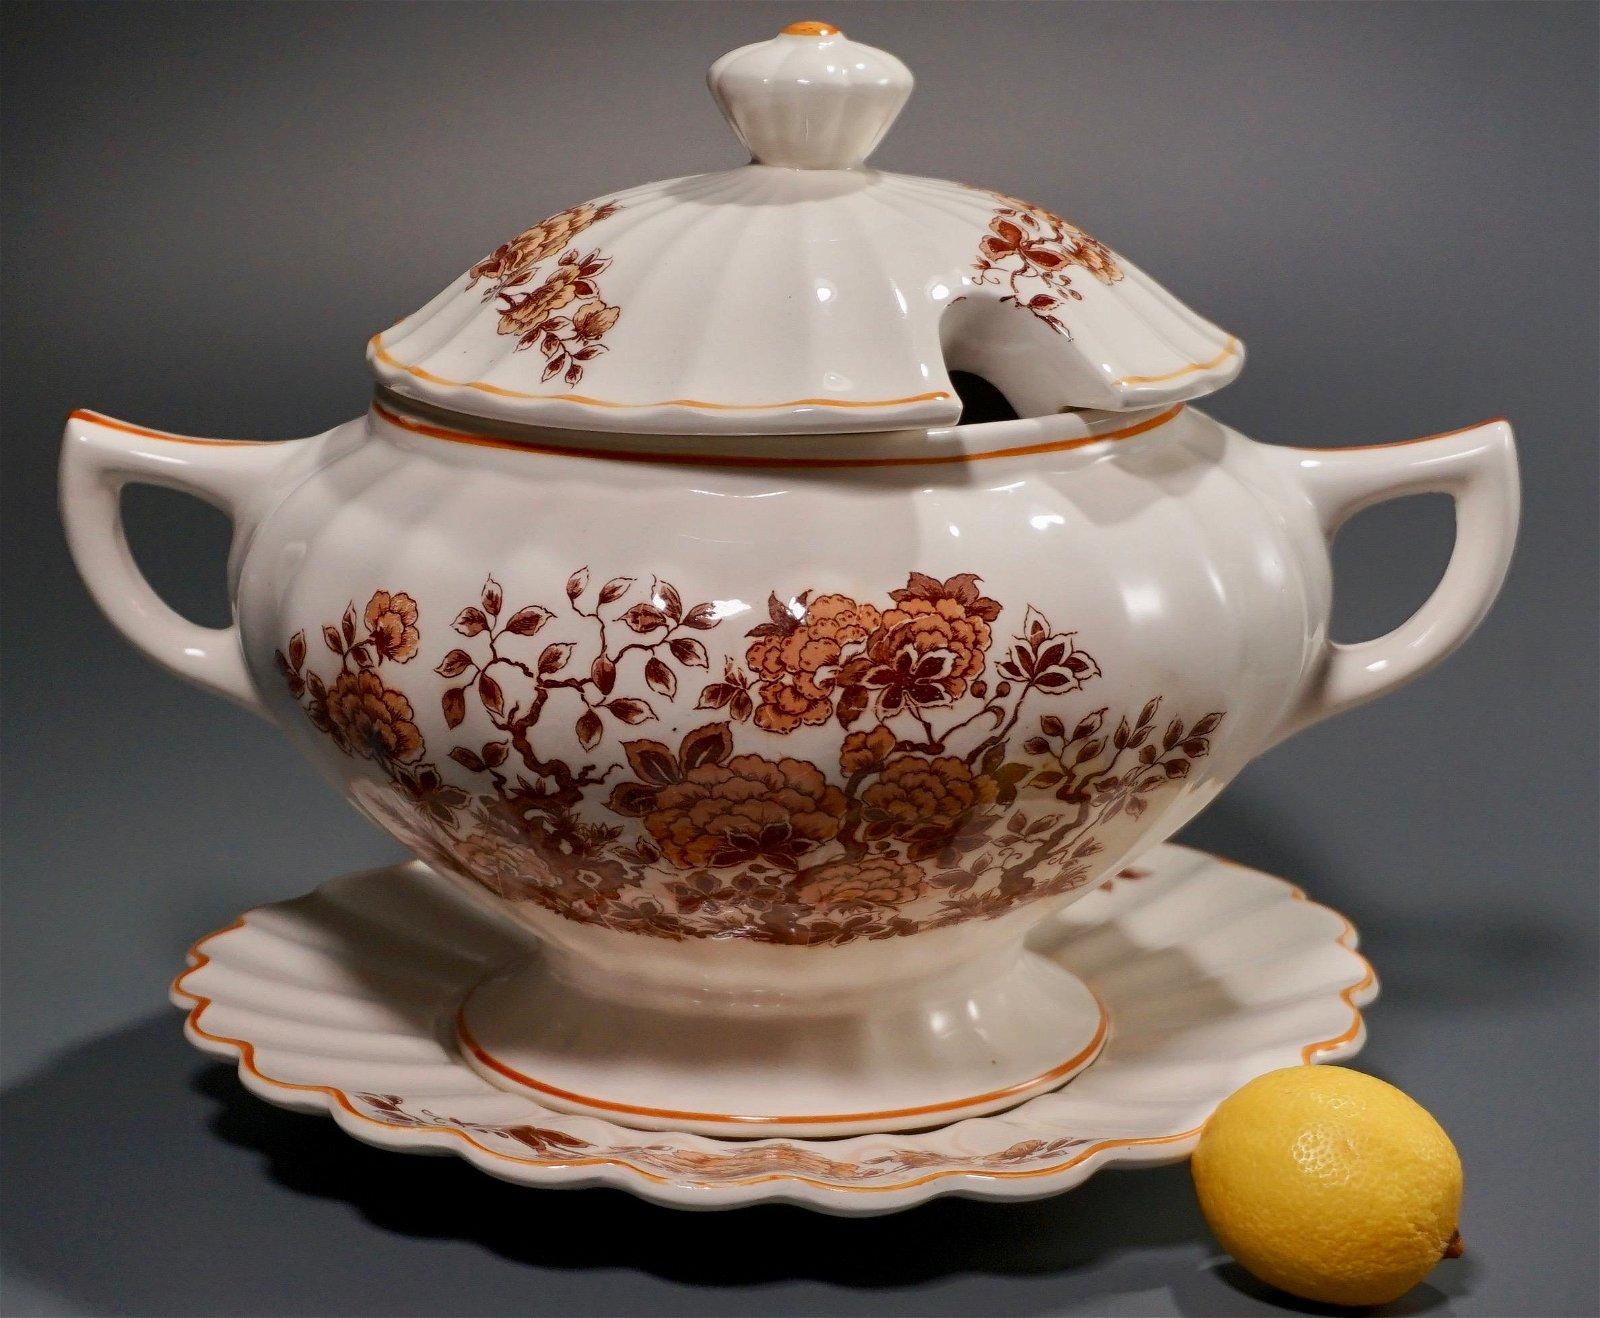 Vintage Tureen Lidded Bowl & Under Plate Platter